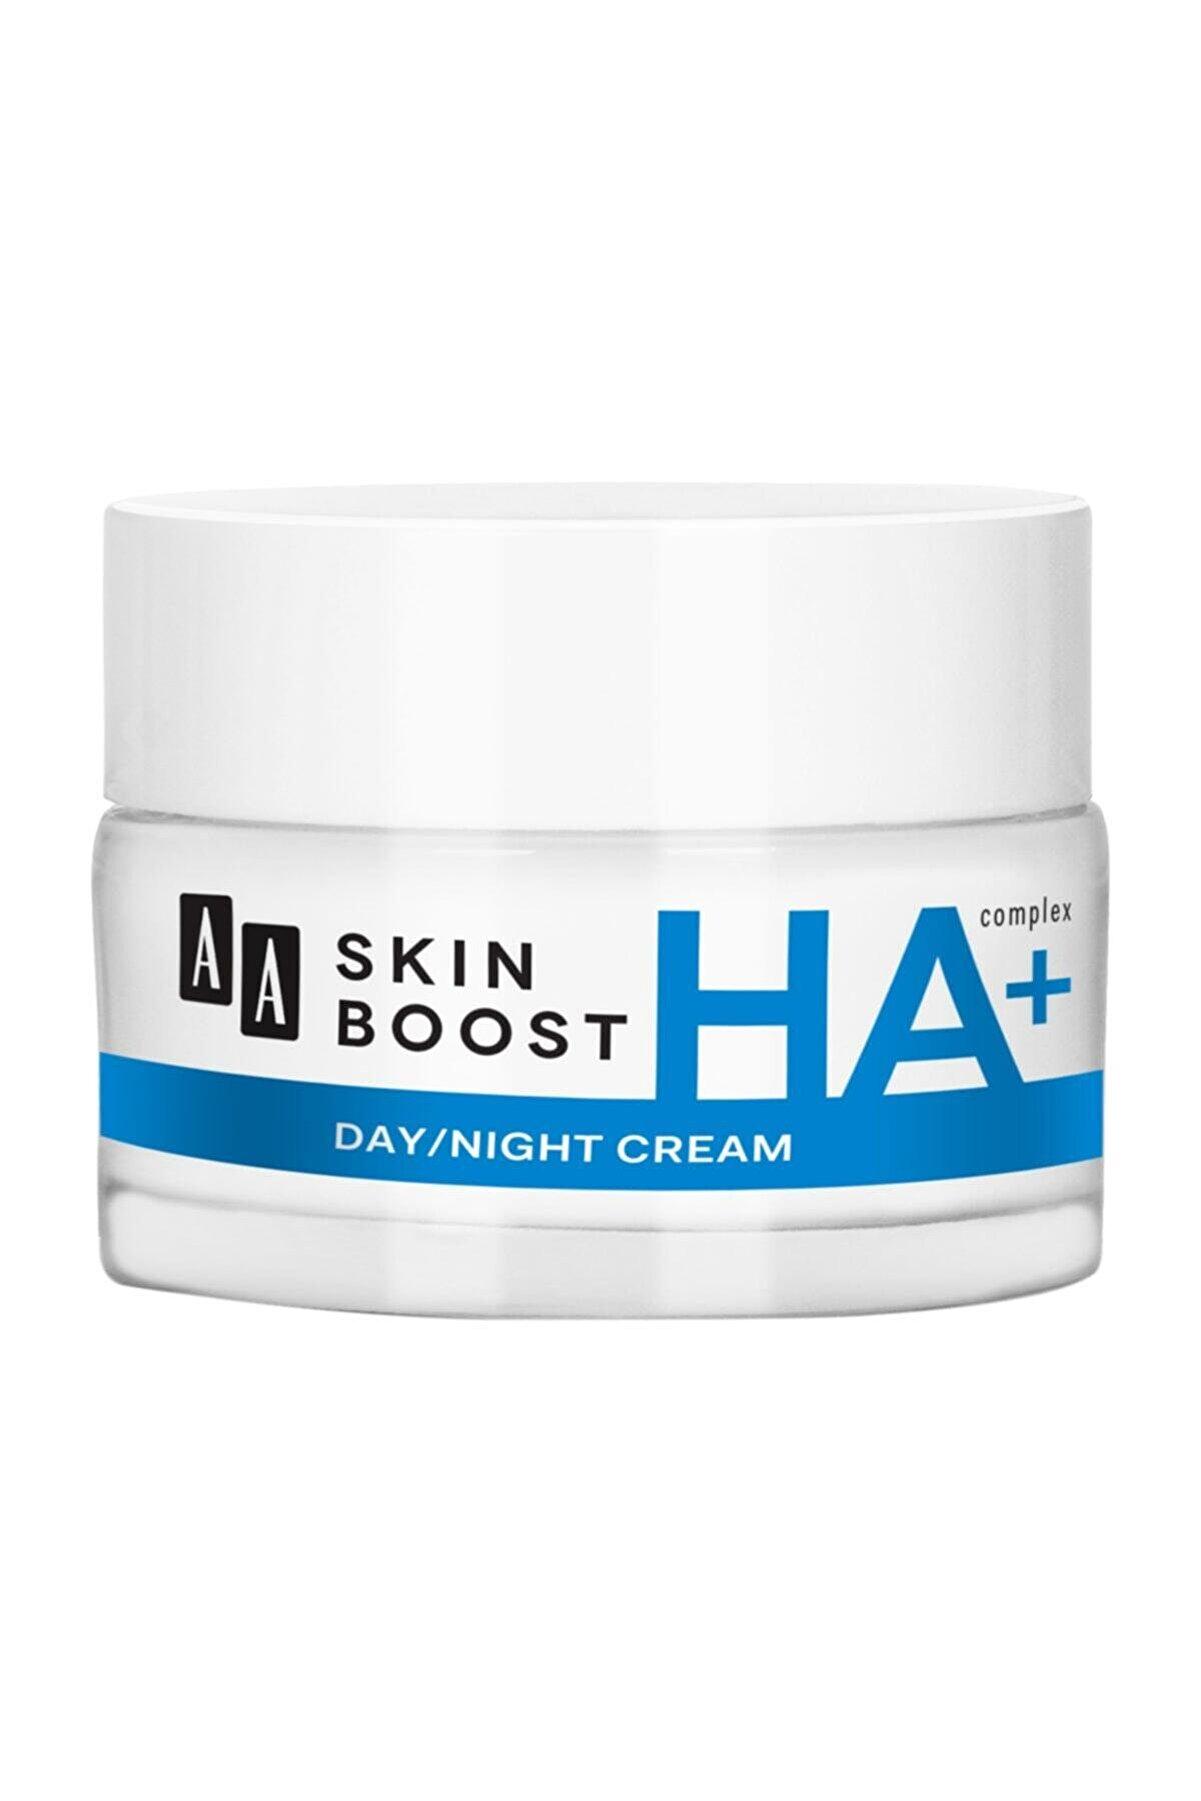 AA Cosmetics Aa Skin Boost Hyaluronik Nemlendirici Gündüz/gece Kremi 50ml